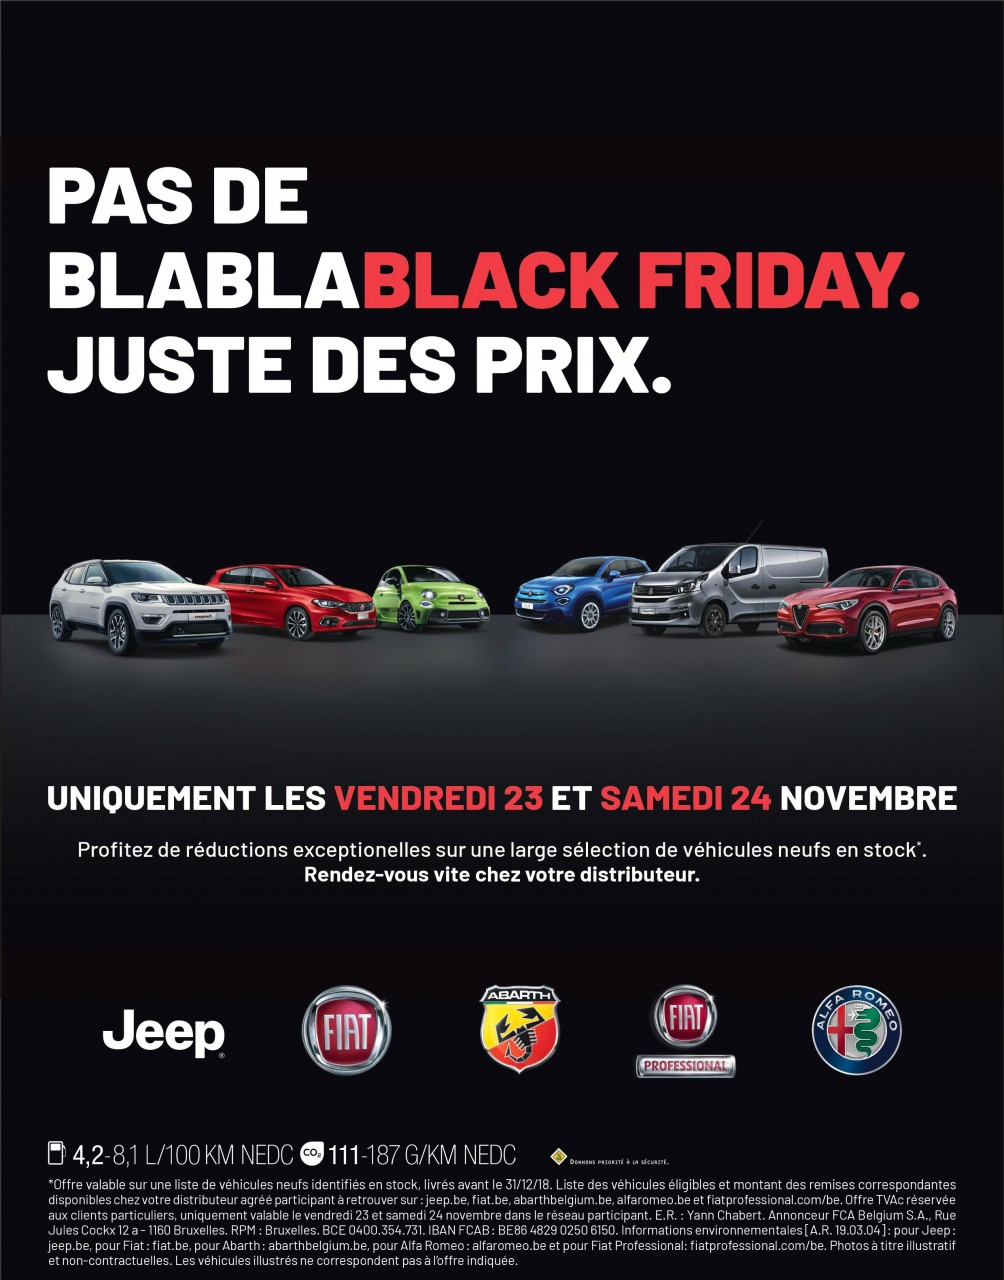 BLACK-FRIDA_20181119-102555_1